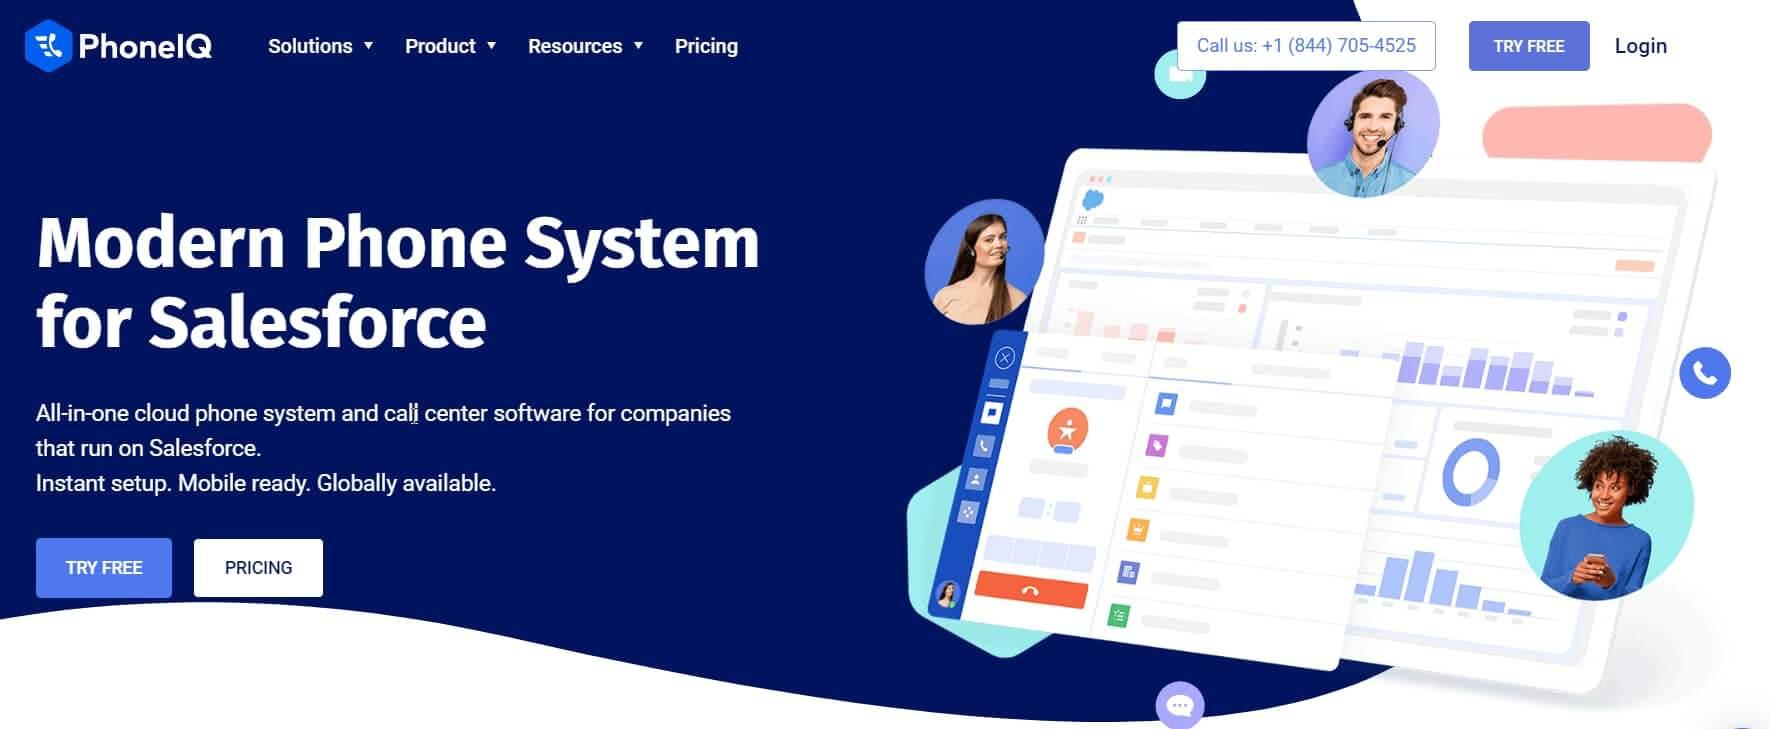 PhoneIQ-Salesforce-Telephony-App